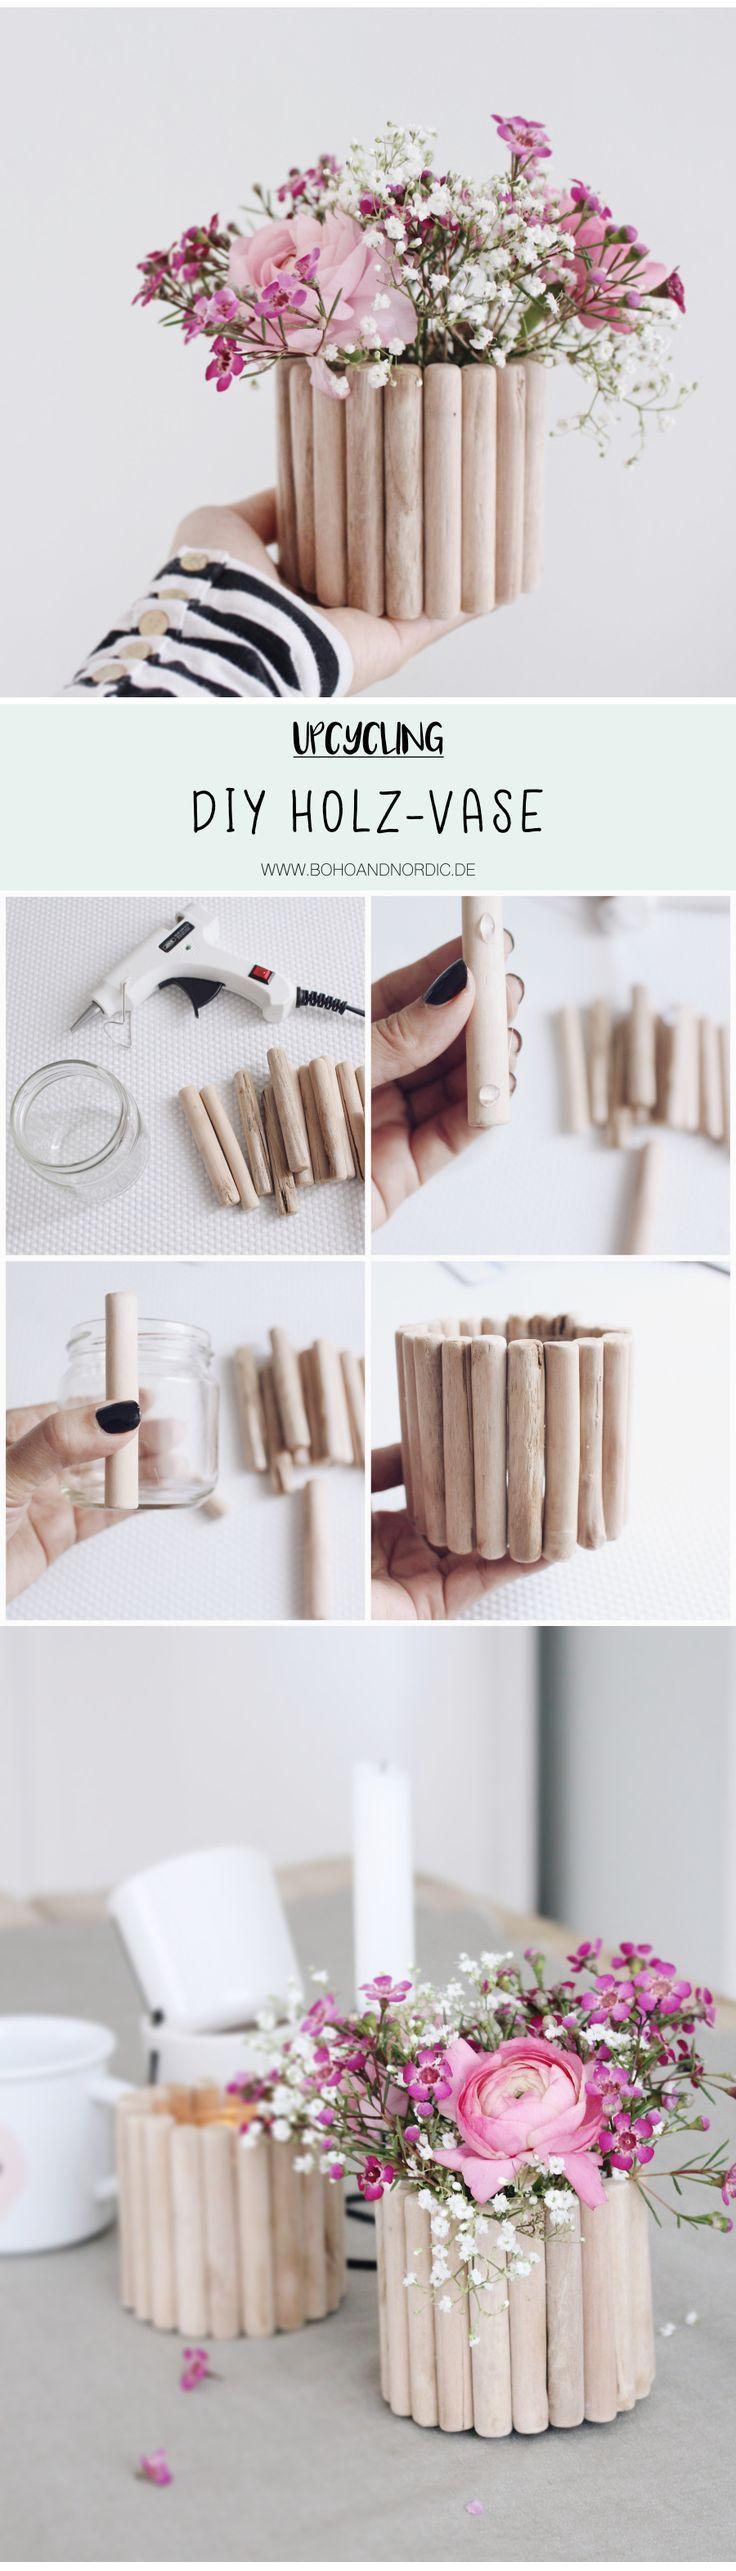 Upcycling: DIY Vase Aus Holz Selber Machen. Schöne Dekoration Aus Holz  Schnell Und Einfach